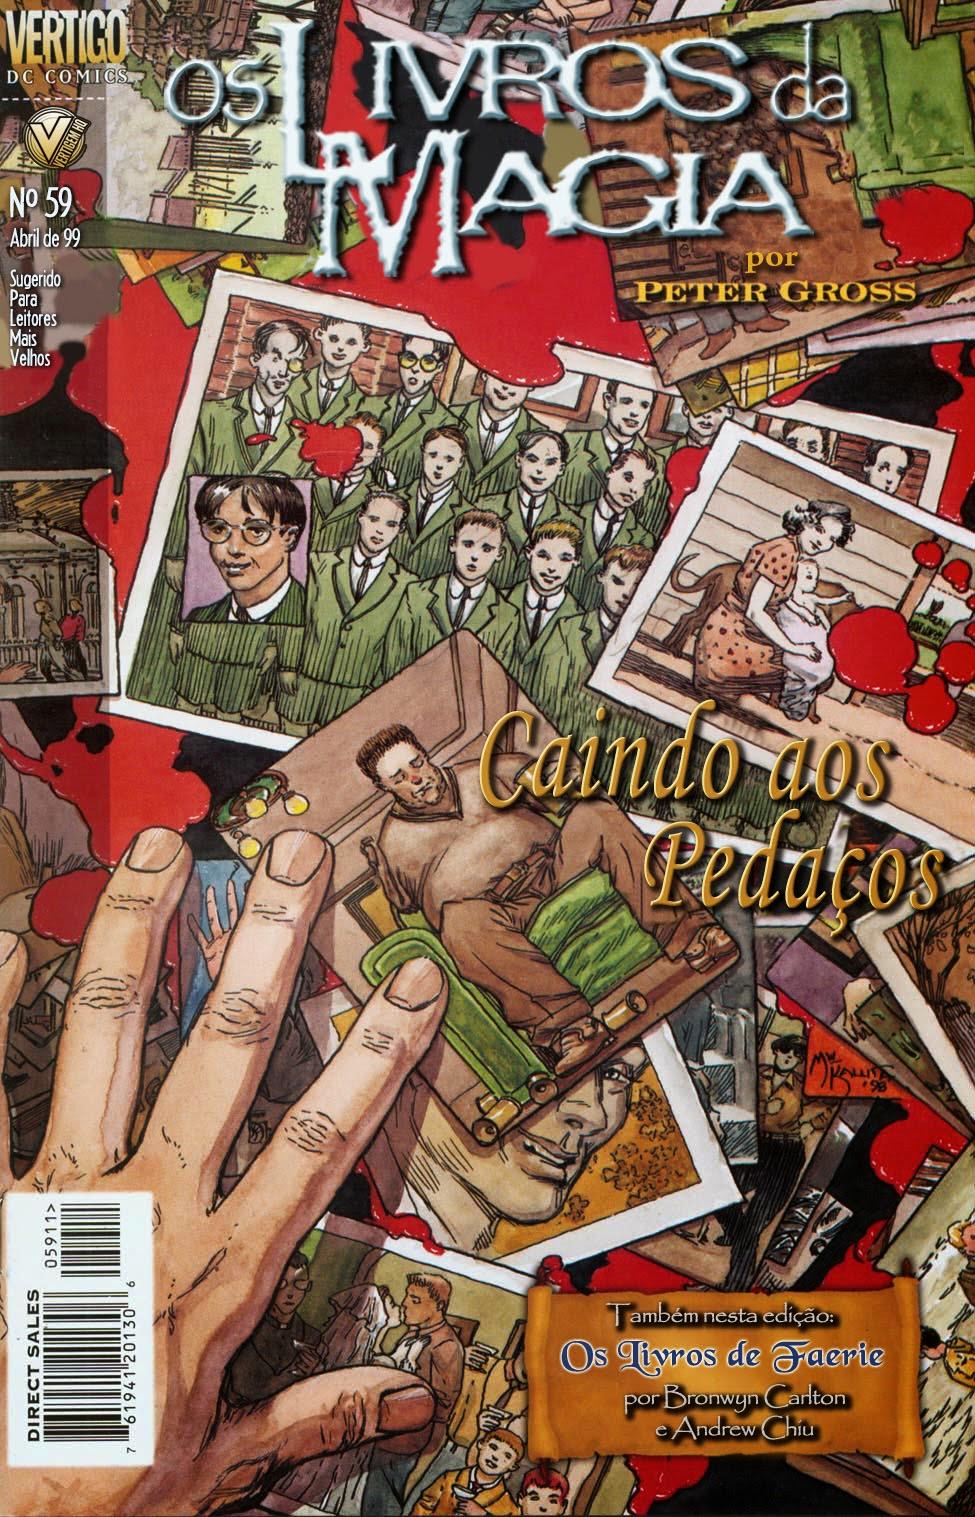 http://www.saraiva.com.br/os-livros-da-magia-edicao-de-luxo-5128501.html